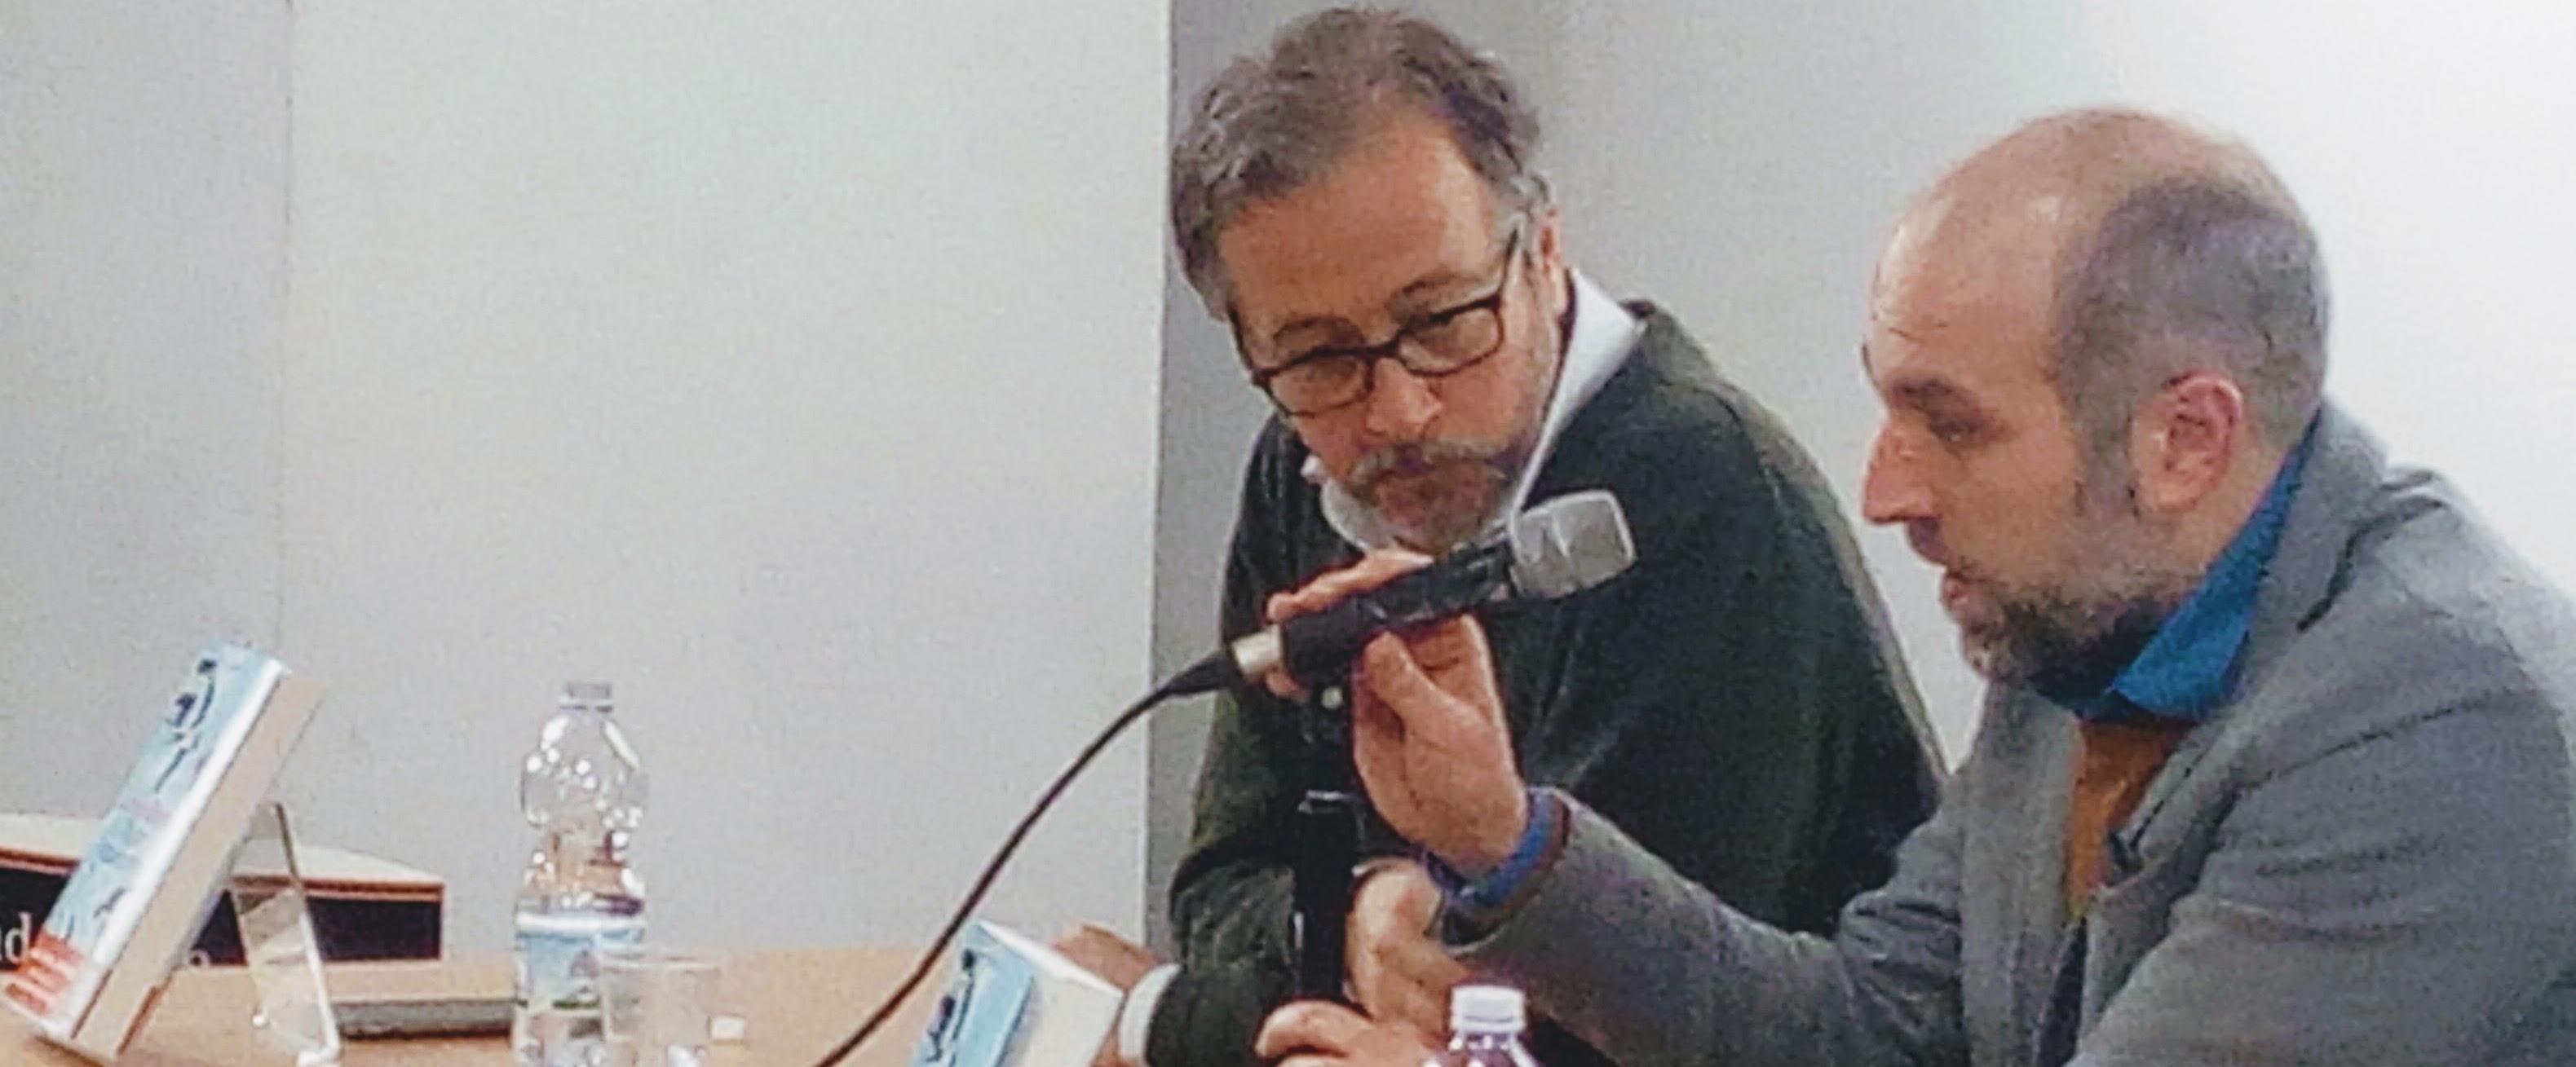 Lorenzo Marone alla Feltrinelli di Napoli con Diego De Silva